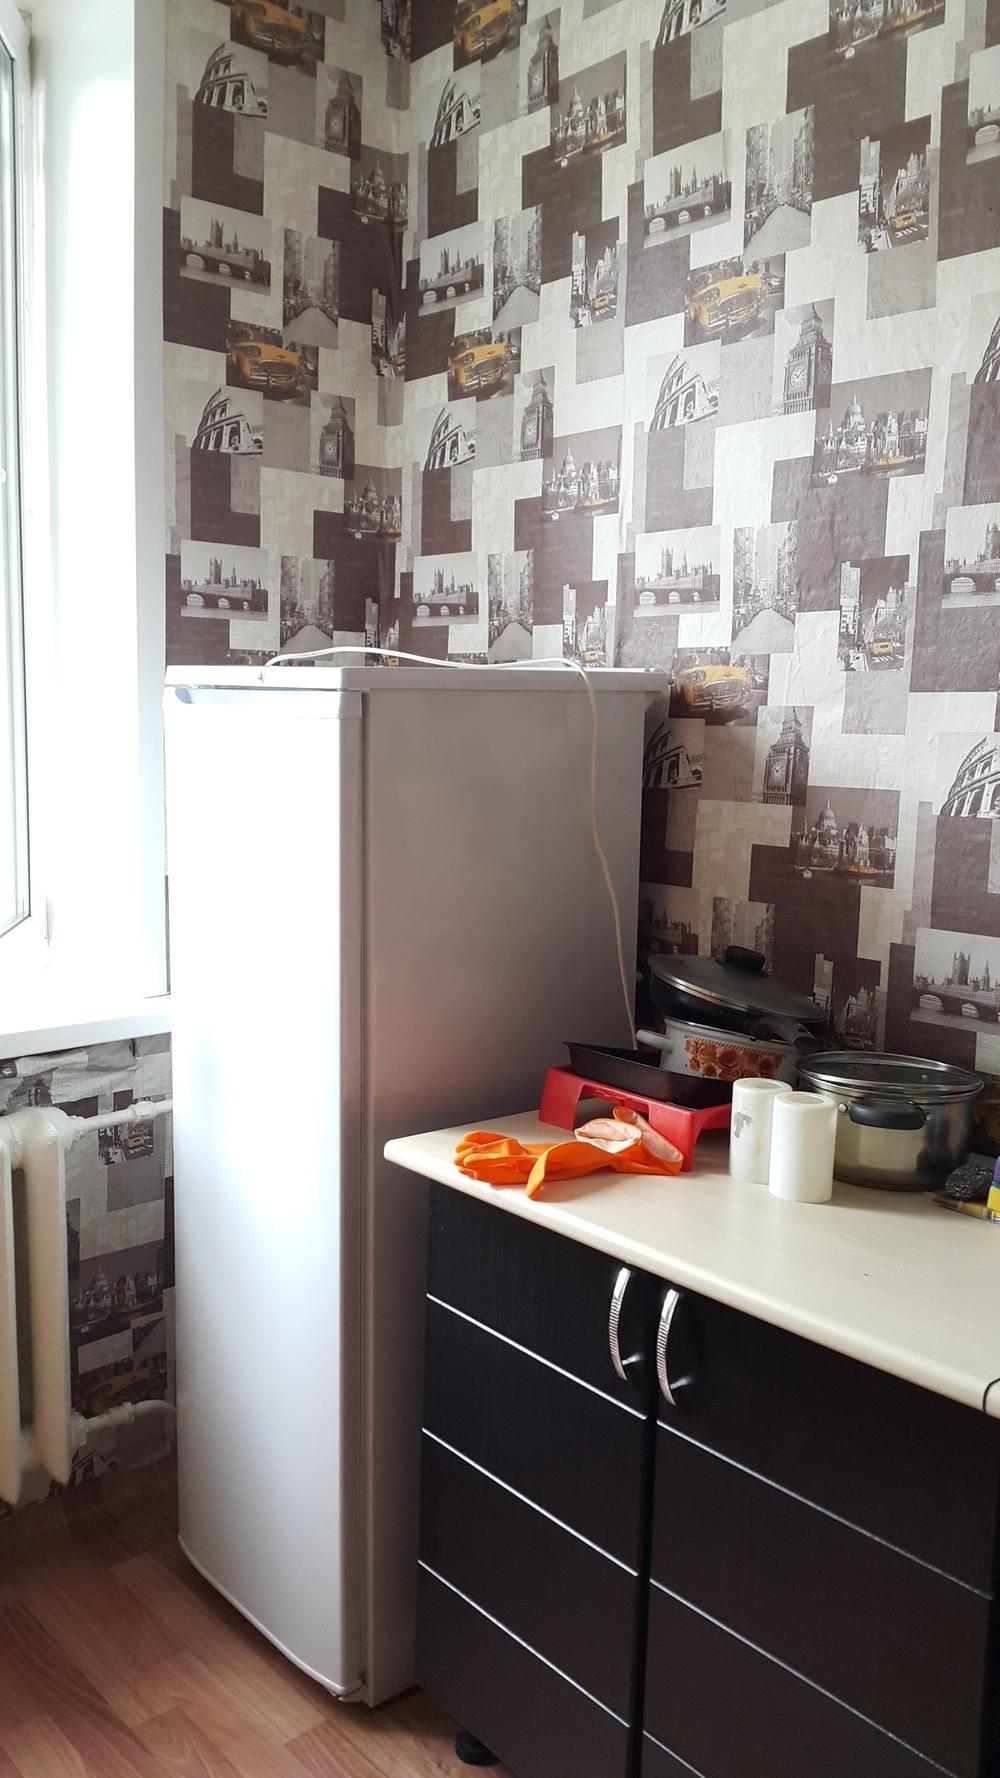 Продам 2-комнатную квартиру в городе Саратов, на улице Дома 8 Марта, 4, 3-этаж 4-этажного Кирпич дома, площадь: 35/23/11 м2